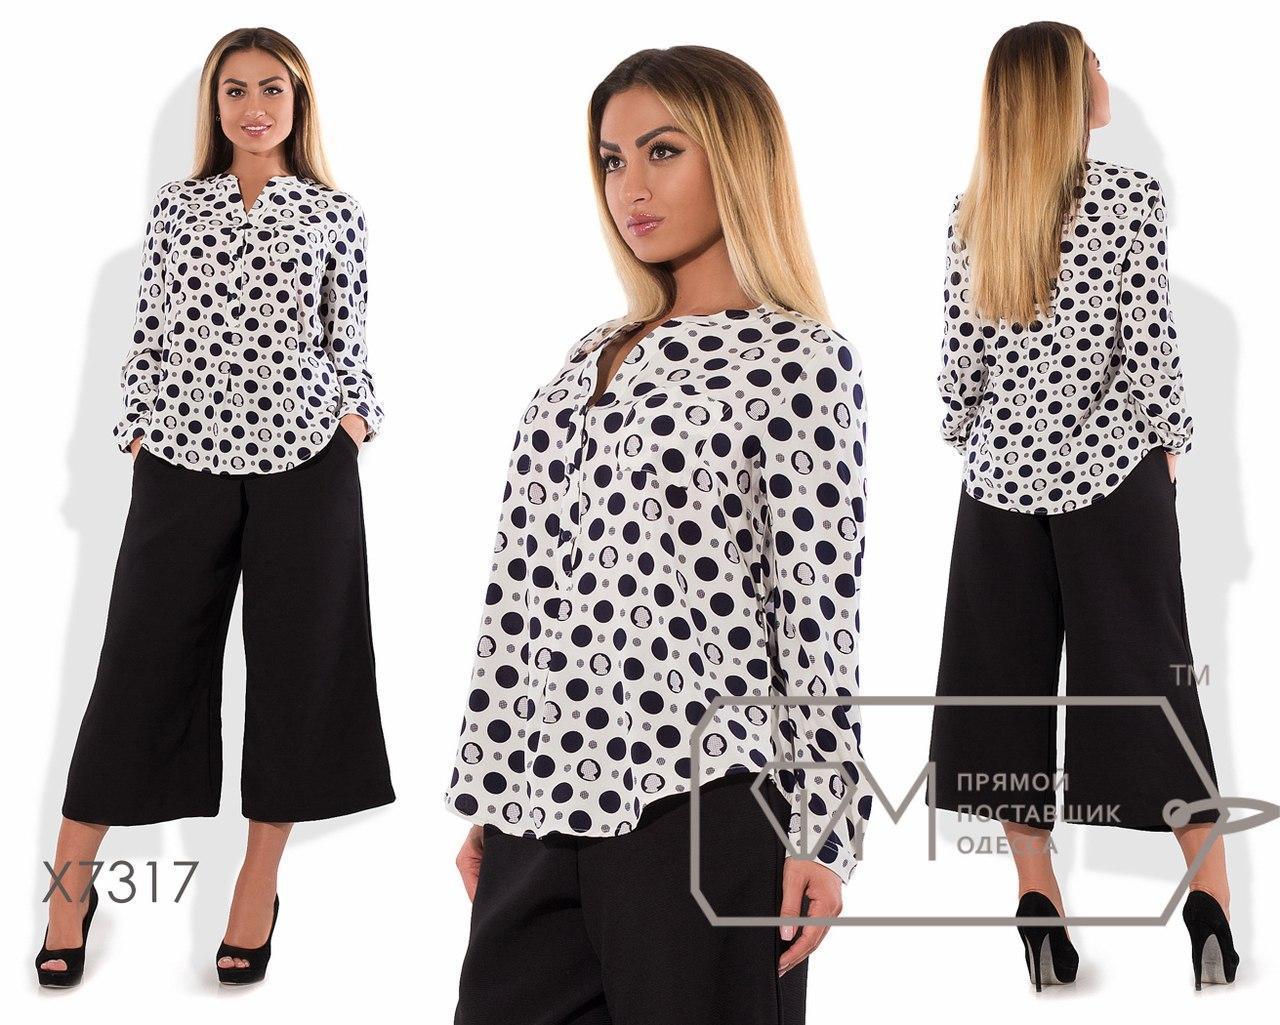 Стильные брюки-гаучо трапеция из костюмки Размеры: 48, 50, 52, 54, 56